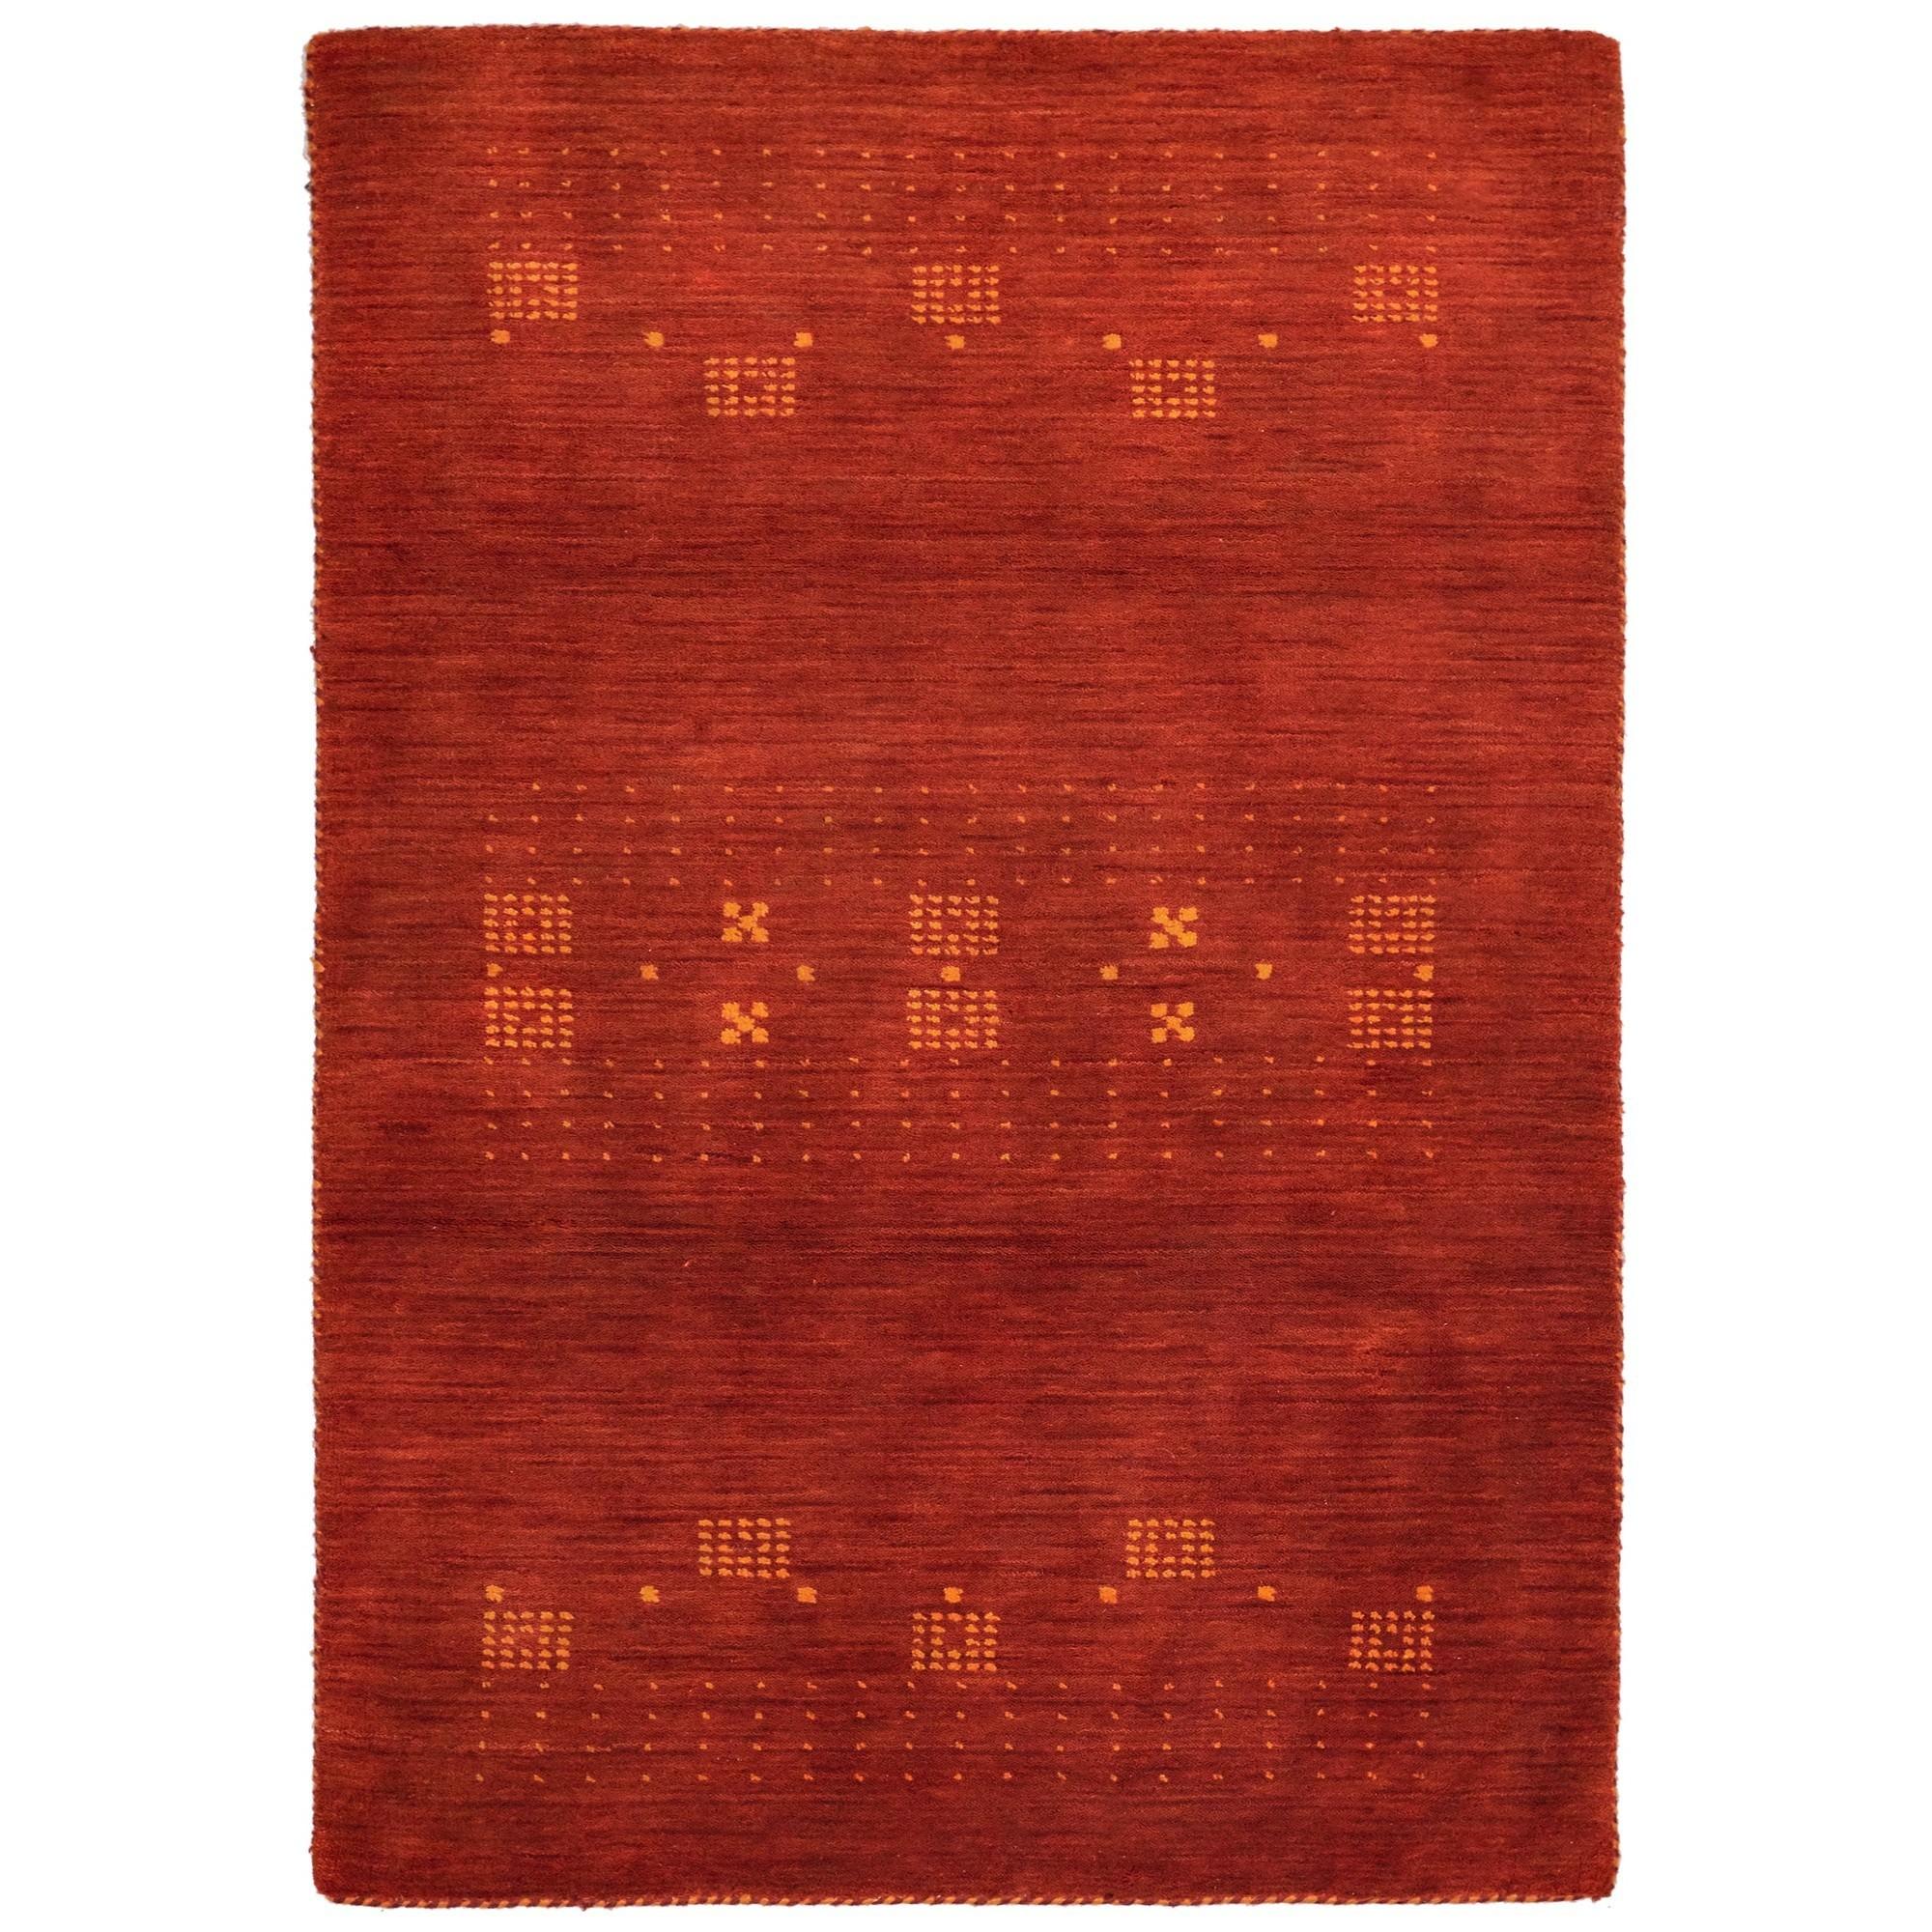 Lori No.042 Wool Tribal Rug, 225x155cm, Rust